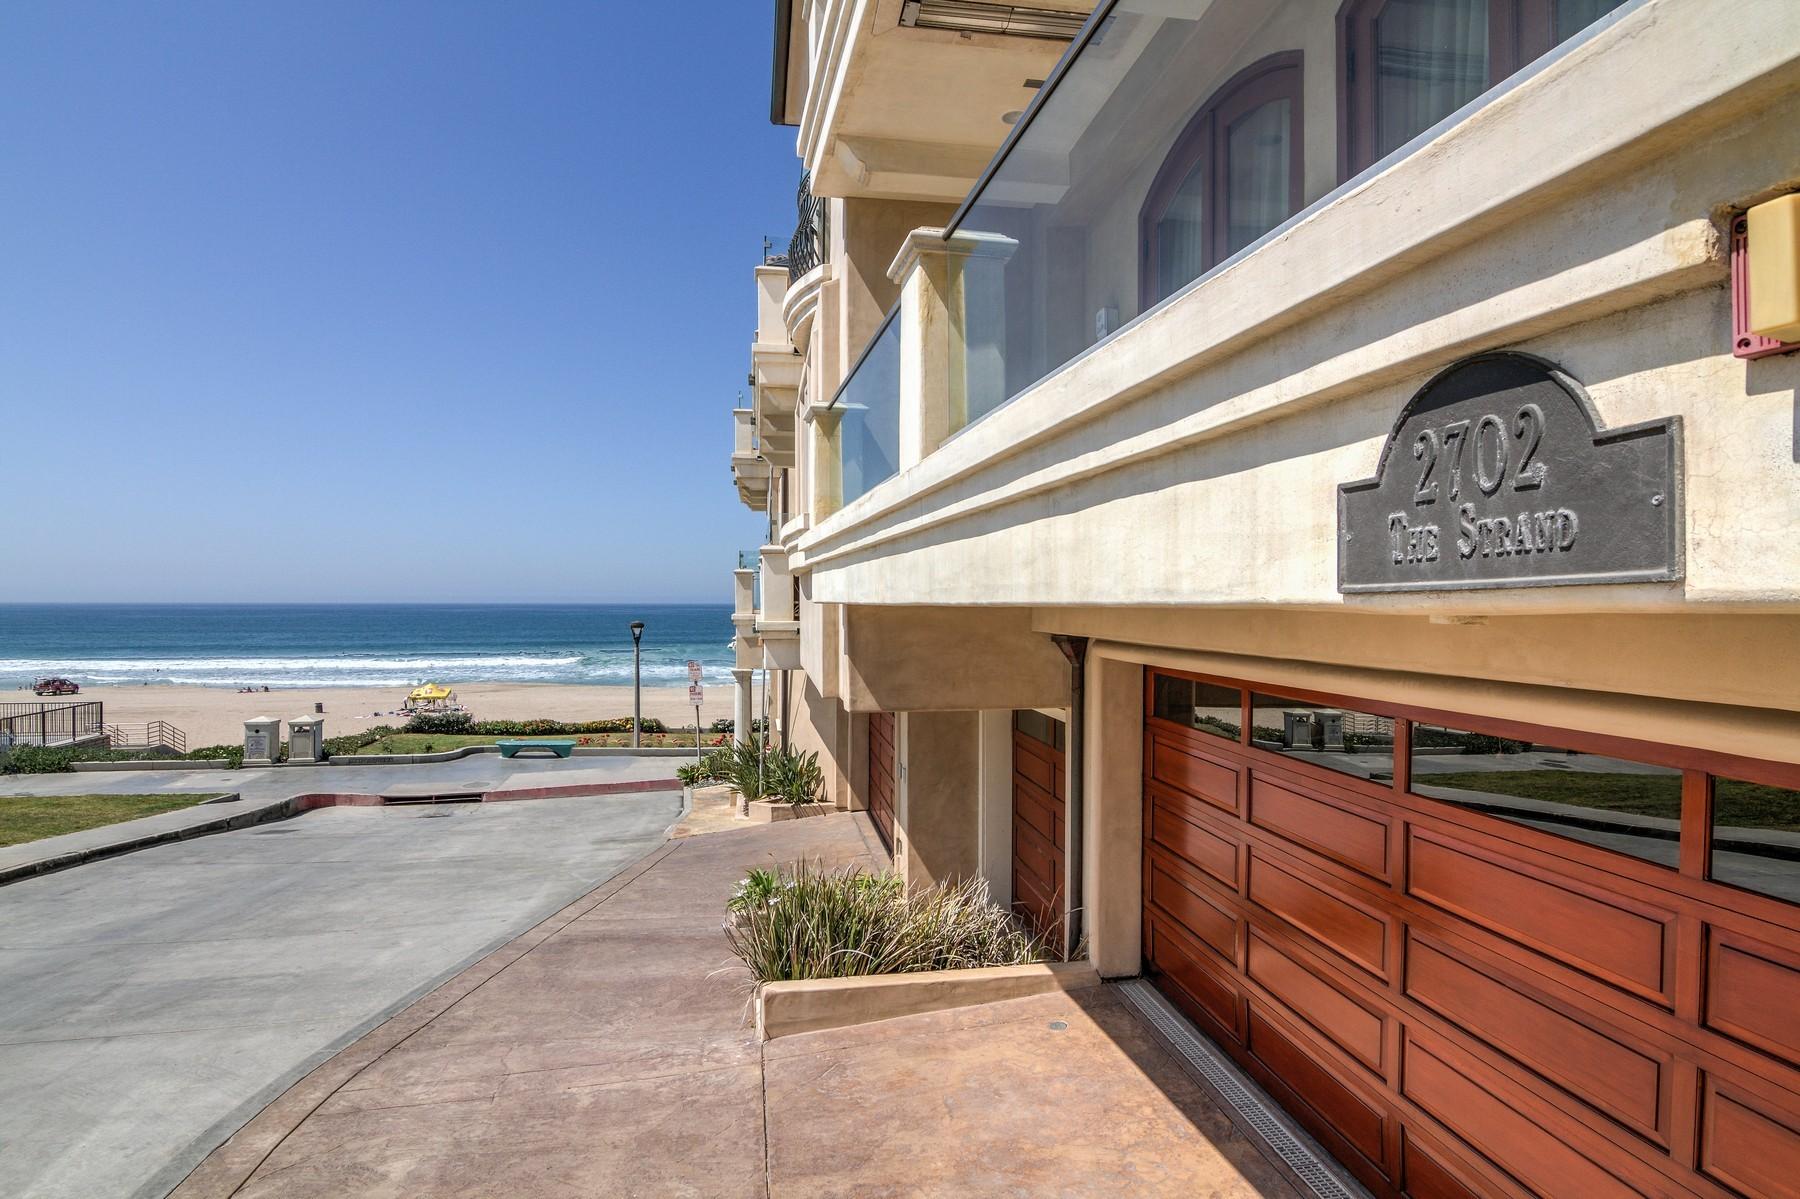 共管式独立产权公寓 为 销售 在 2702 The Strand 曼哈顿海滩, 加利福尼亚州 90266 美国